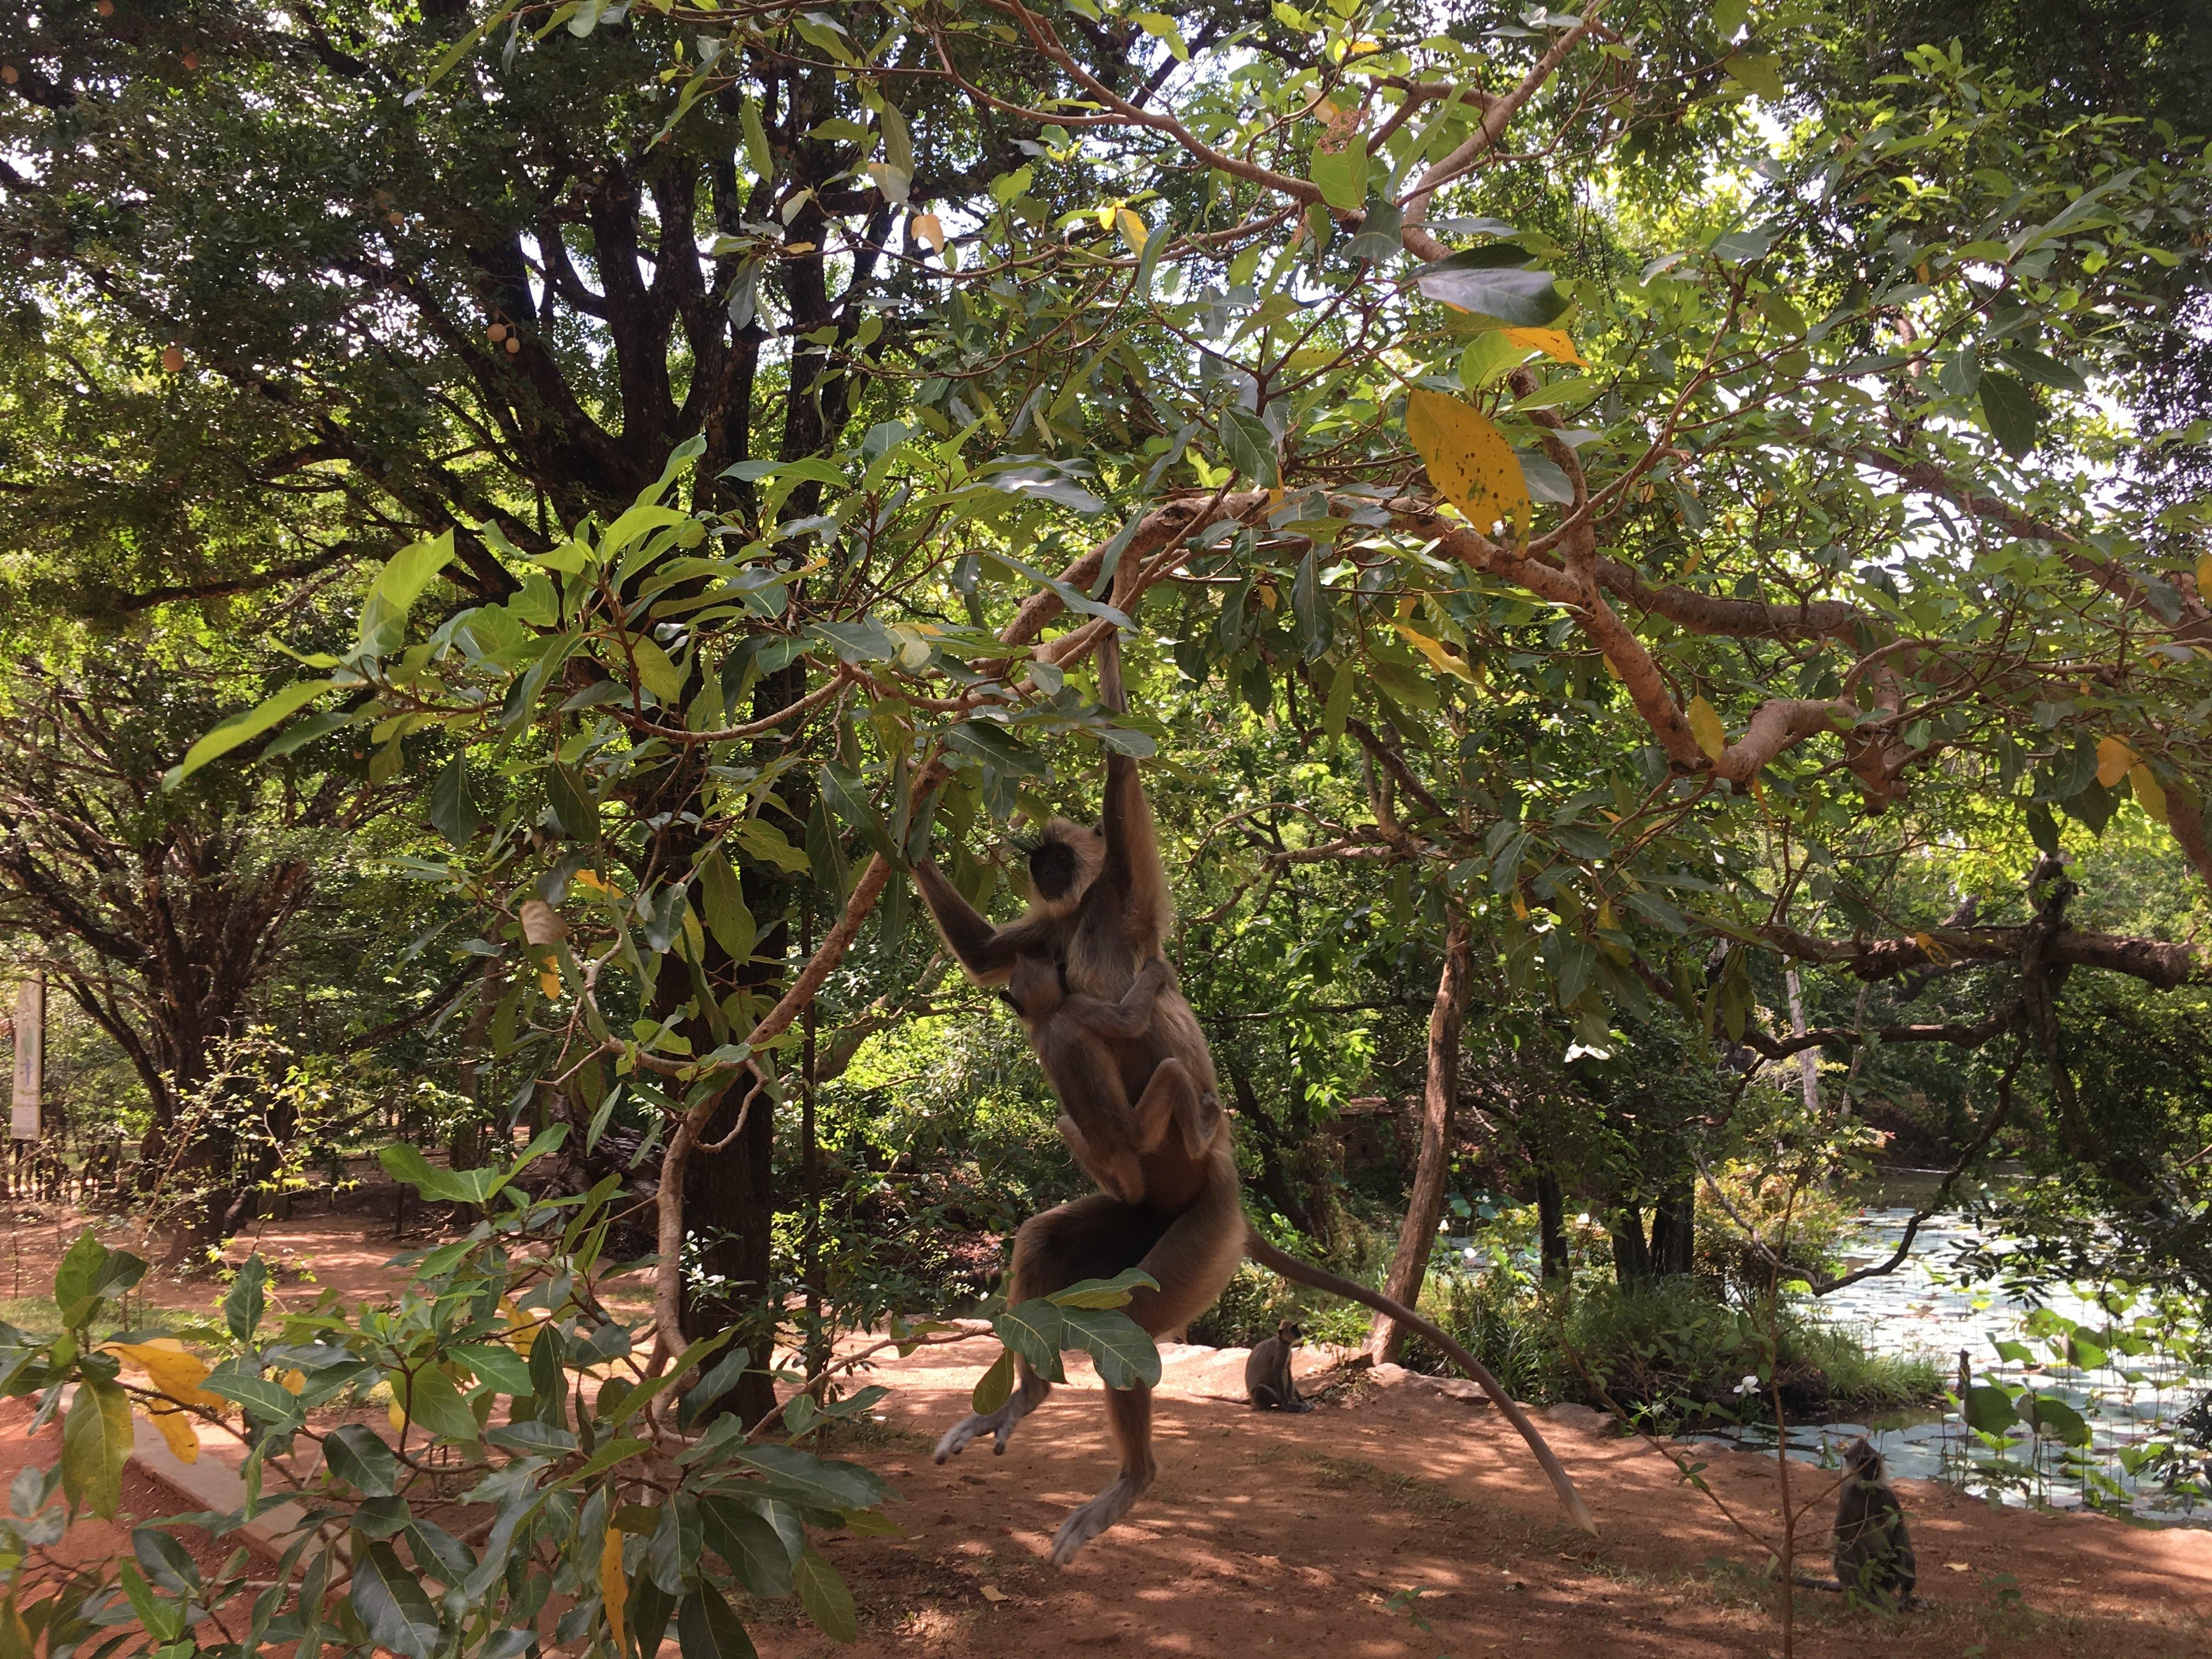 Monkeys of Sigariya